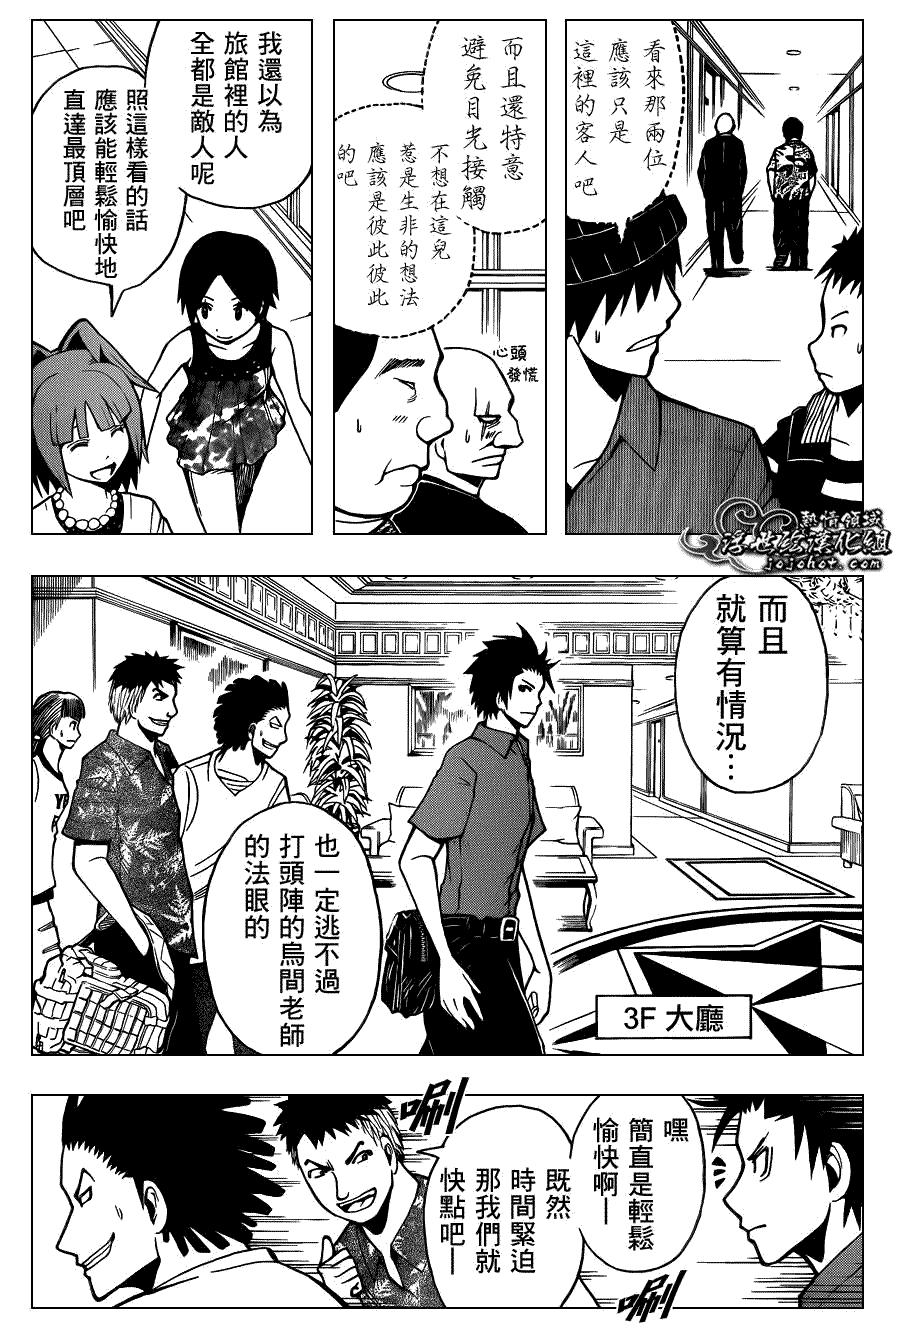 暗殺教室: 63話 - 第8页